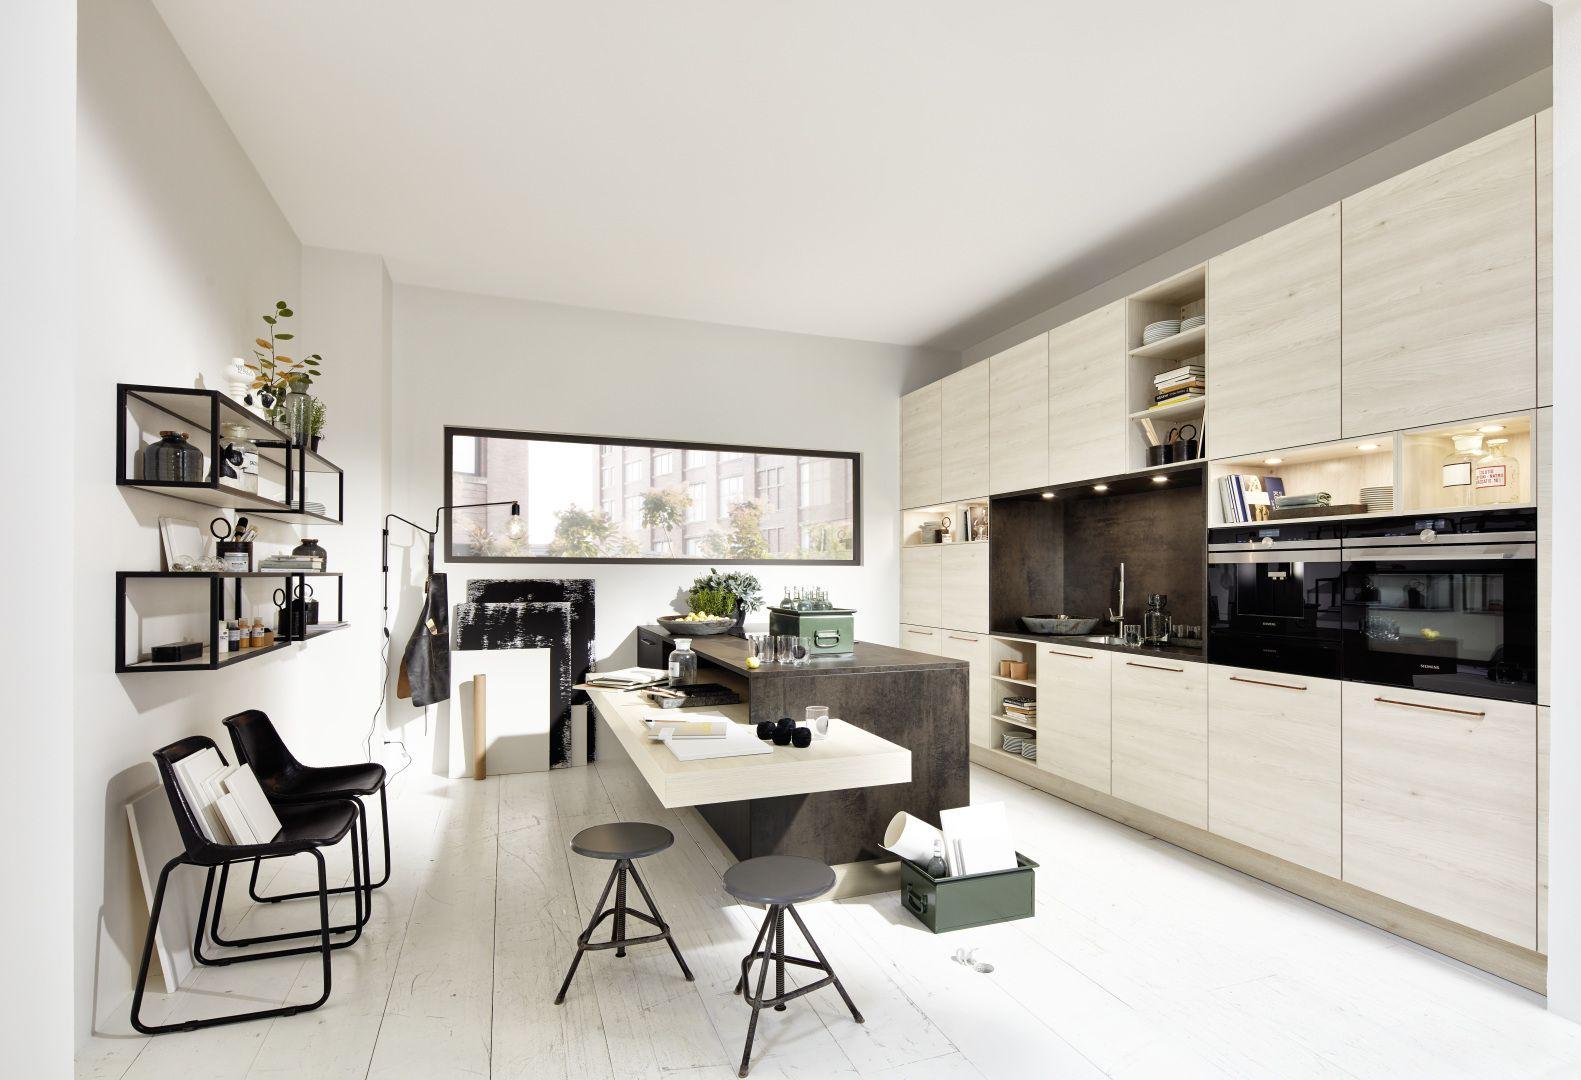 Keukenspecialist.nl Nolte Küchen | Moderne keukens | Pinterest ... | {Küchenstudio plan 20}